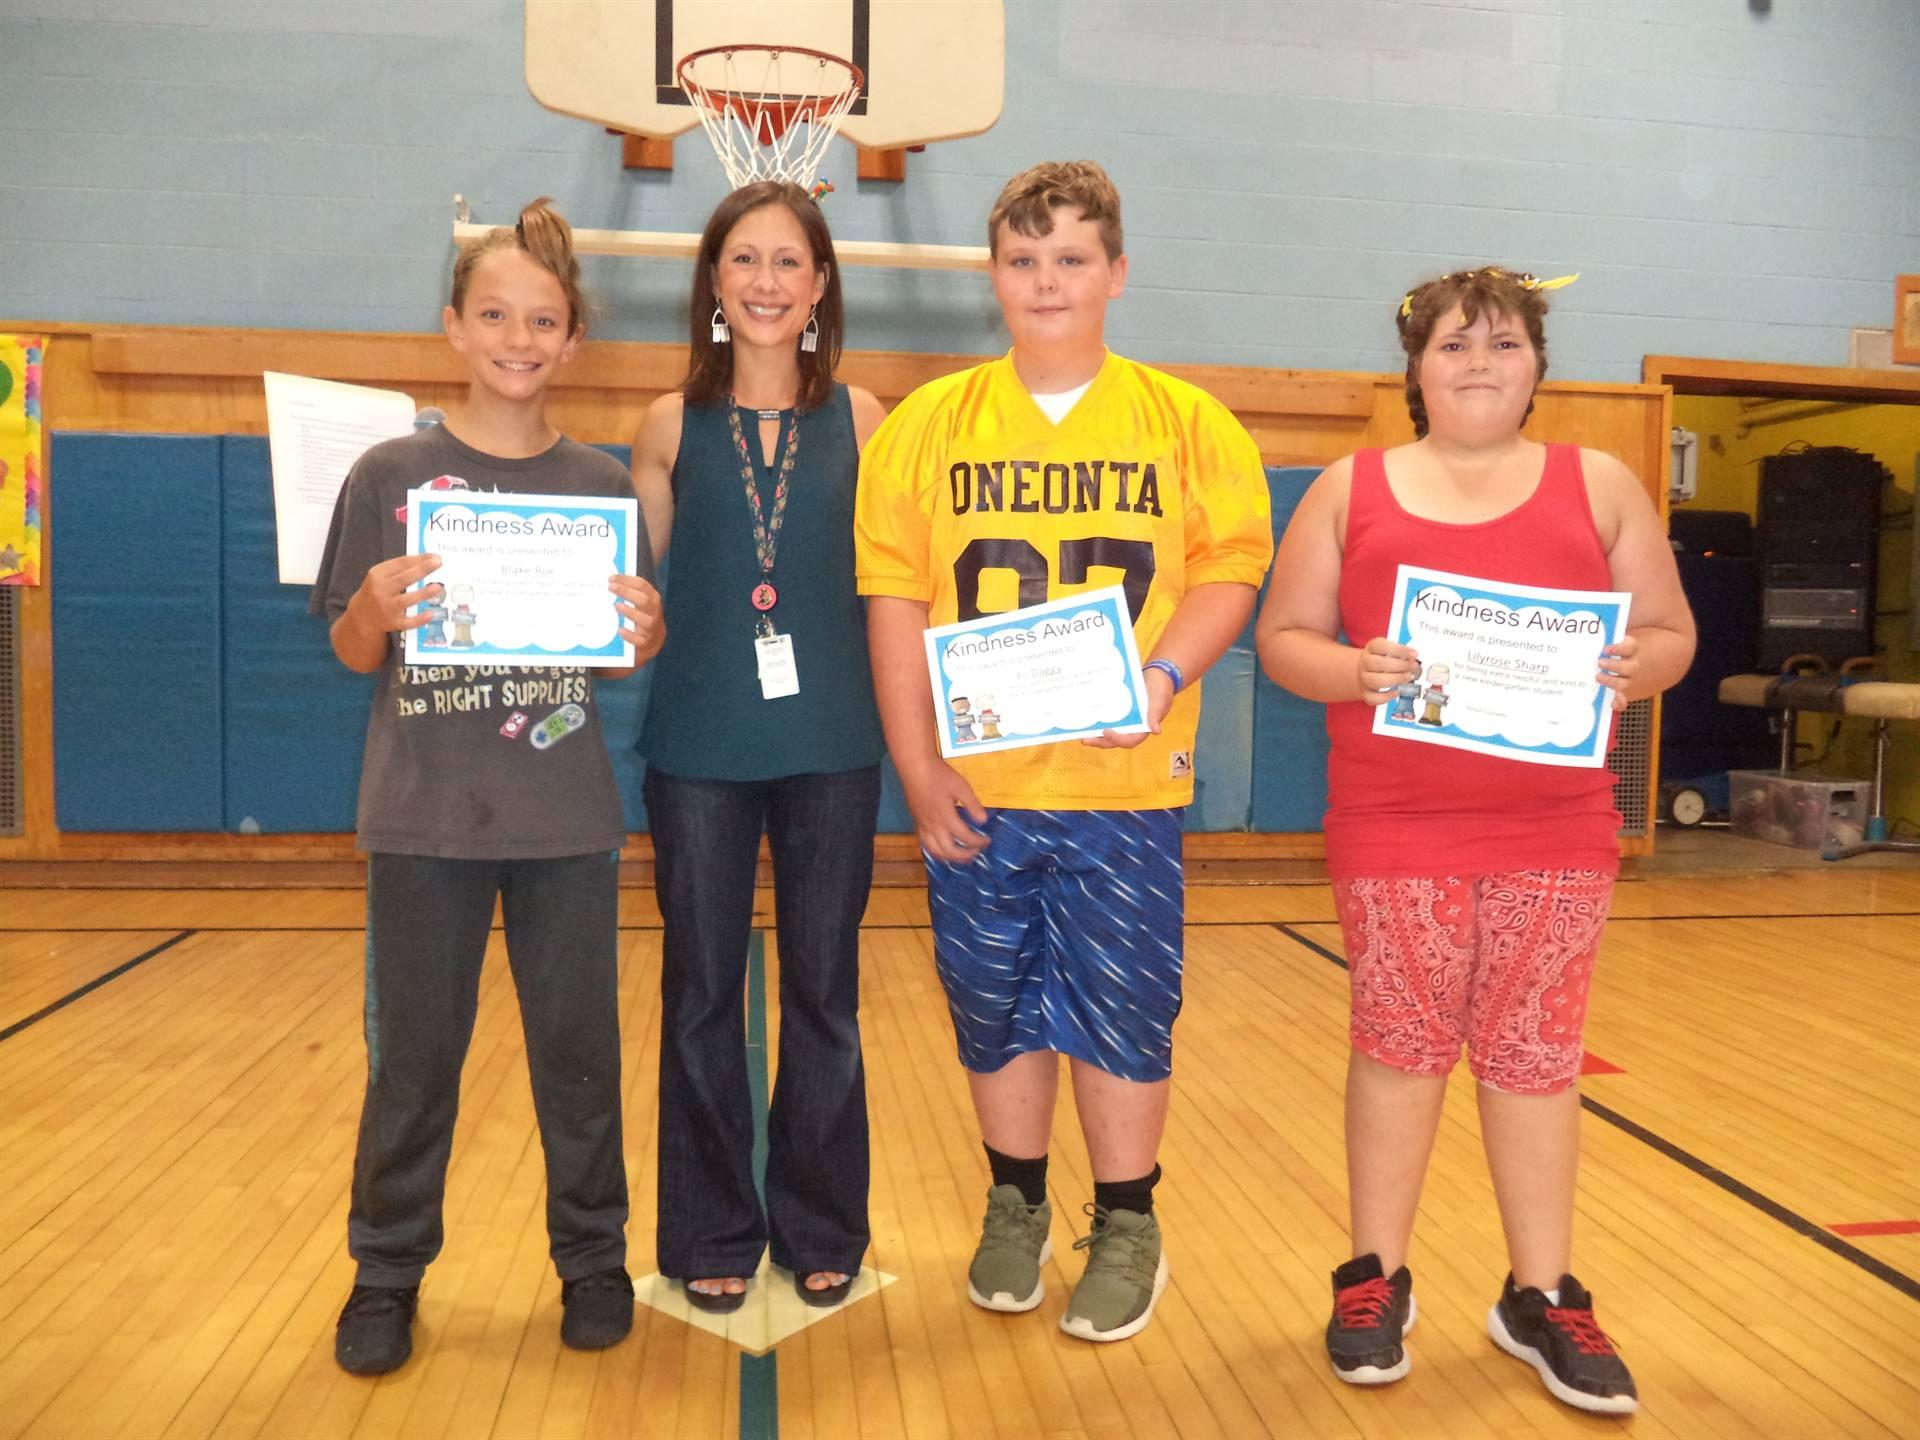 Kindness award winners